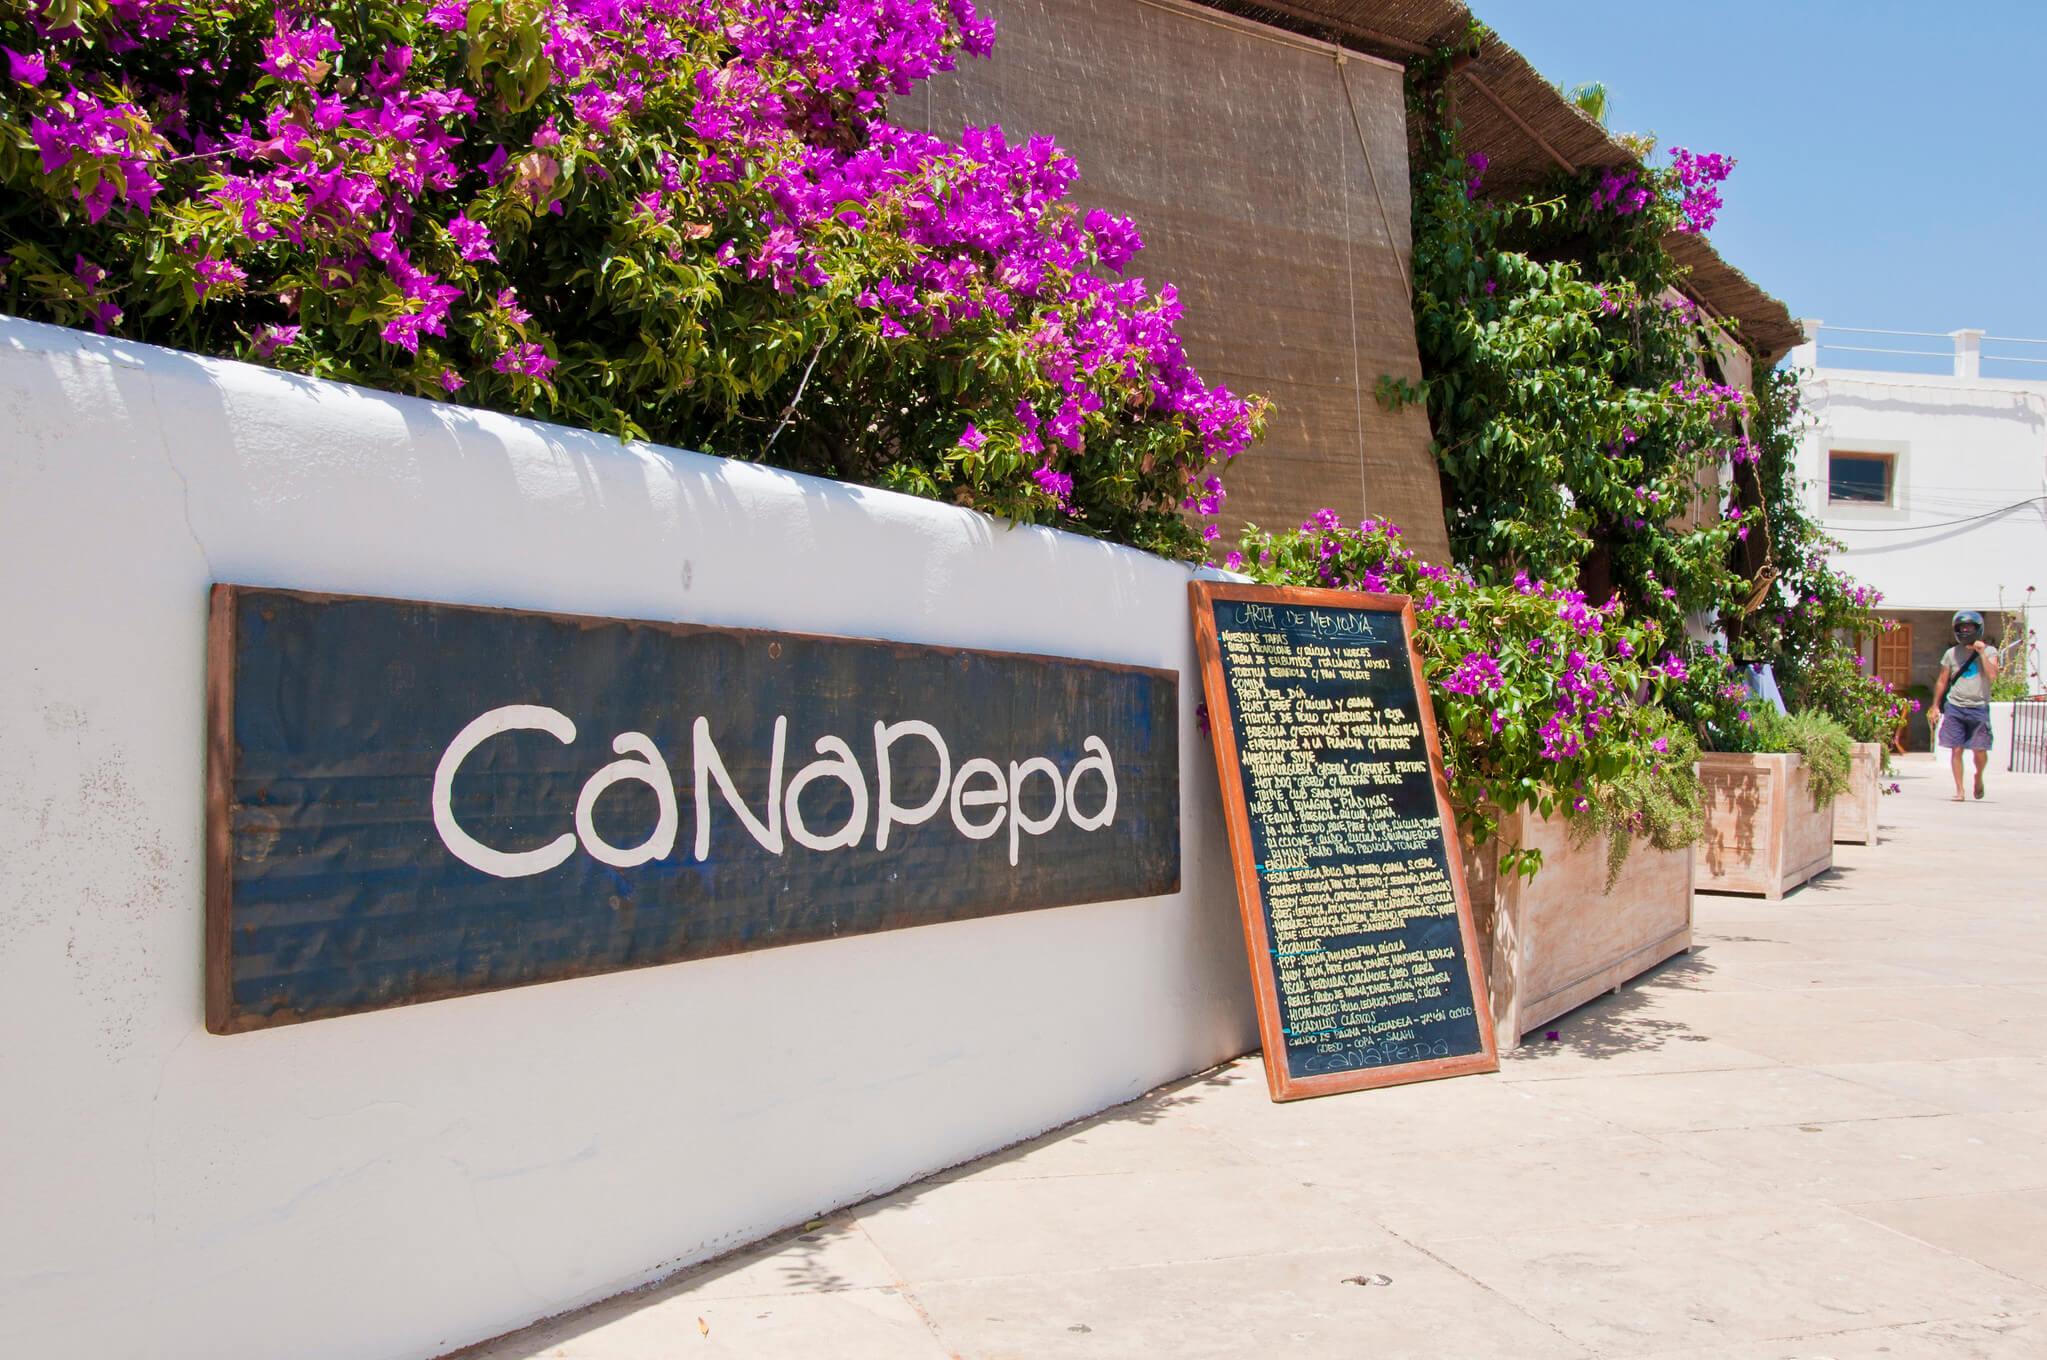 https://www.white-ibiza.com/wp-content/uploads/2020/03/formentera-restaurants-ca-na-pepa-2020-01.jpg